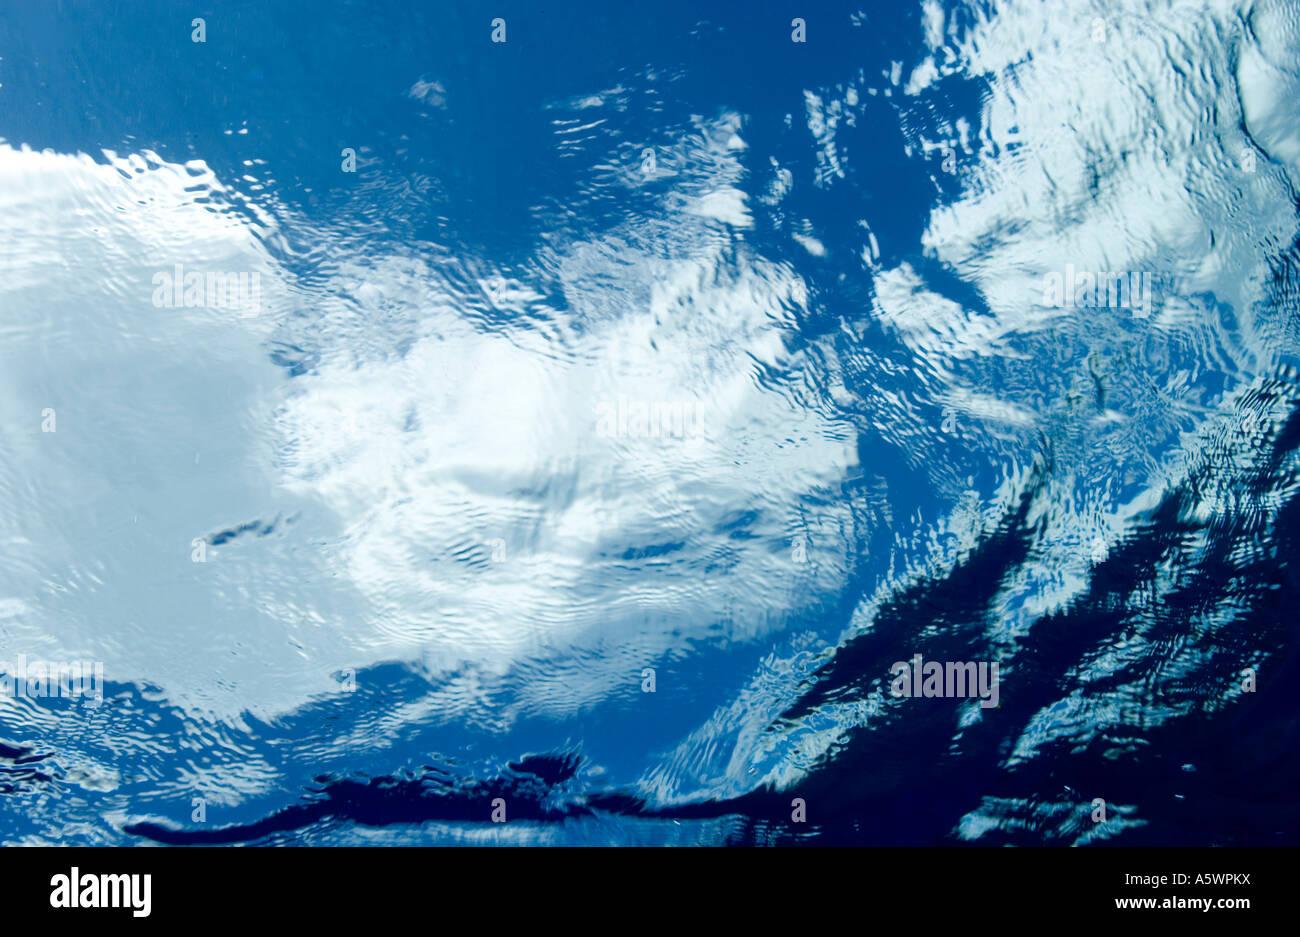 Vista subacquea di superficie di acqua nuvole visto attraverso la superficie Immagini Stock